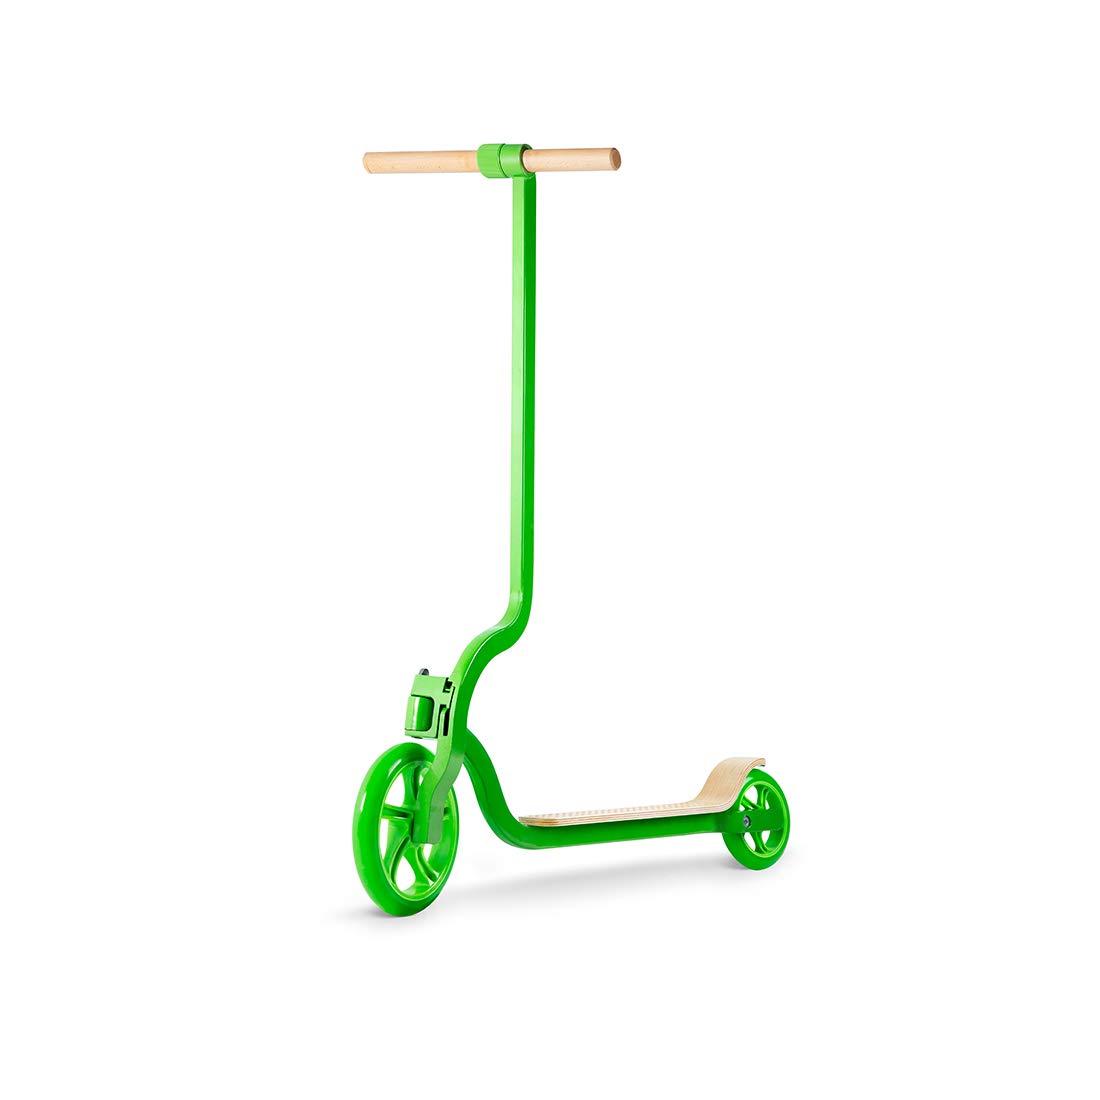 WiLEES Patinete Verde con Capacidad de 220 Libras, diseño ...